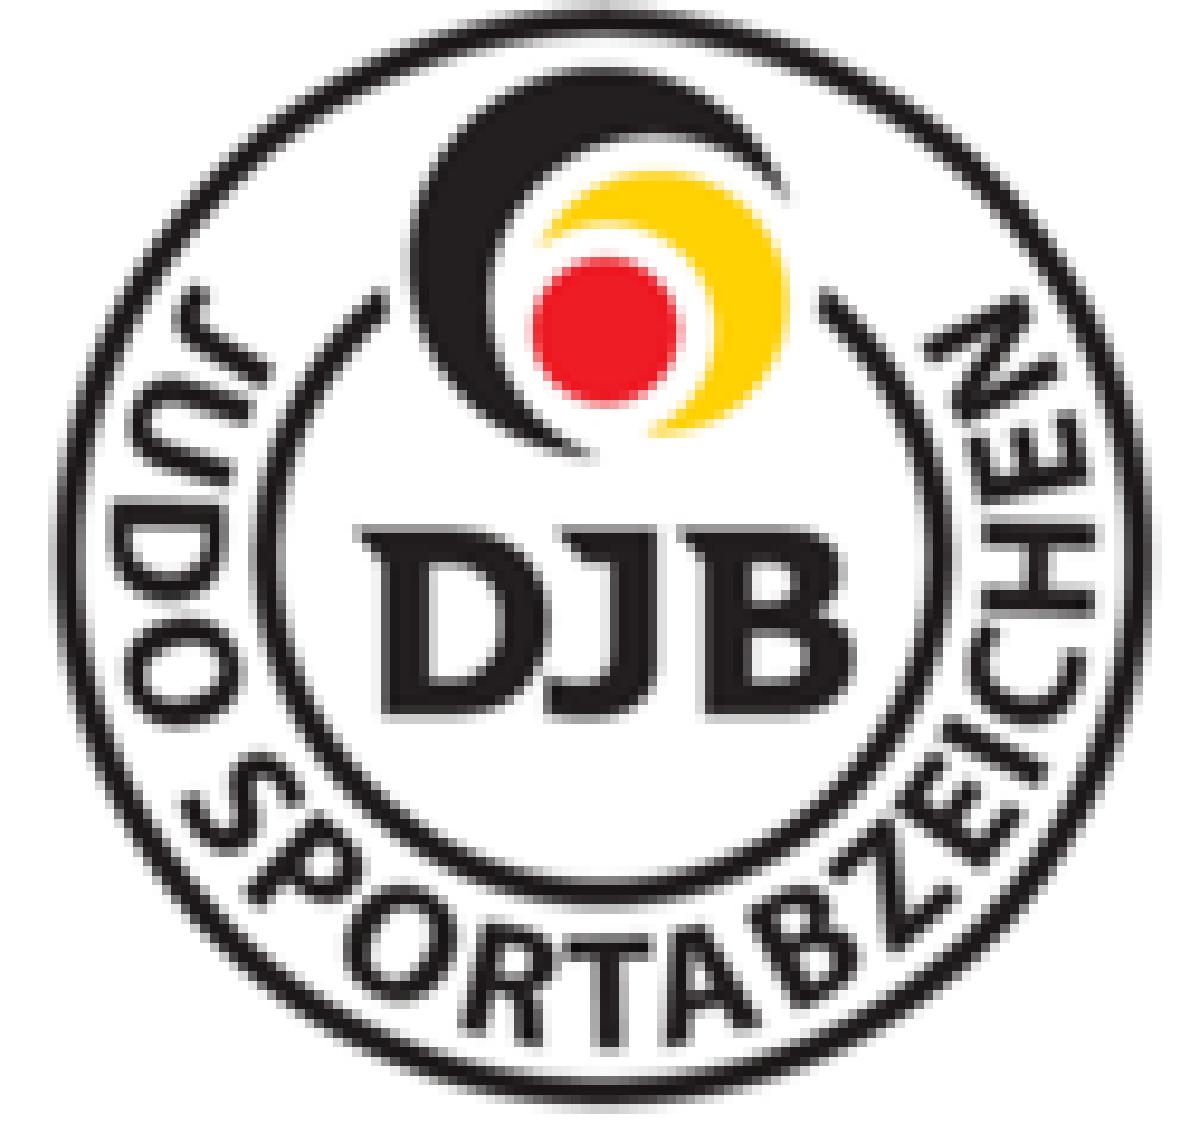 Am 18.07.2021 Judo-Sportabzeichen an der Hermann-Neuberger-Sportschule in Saarbrücken